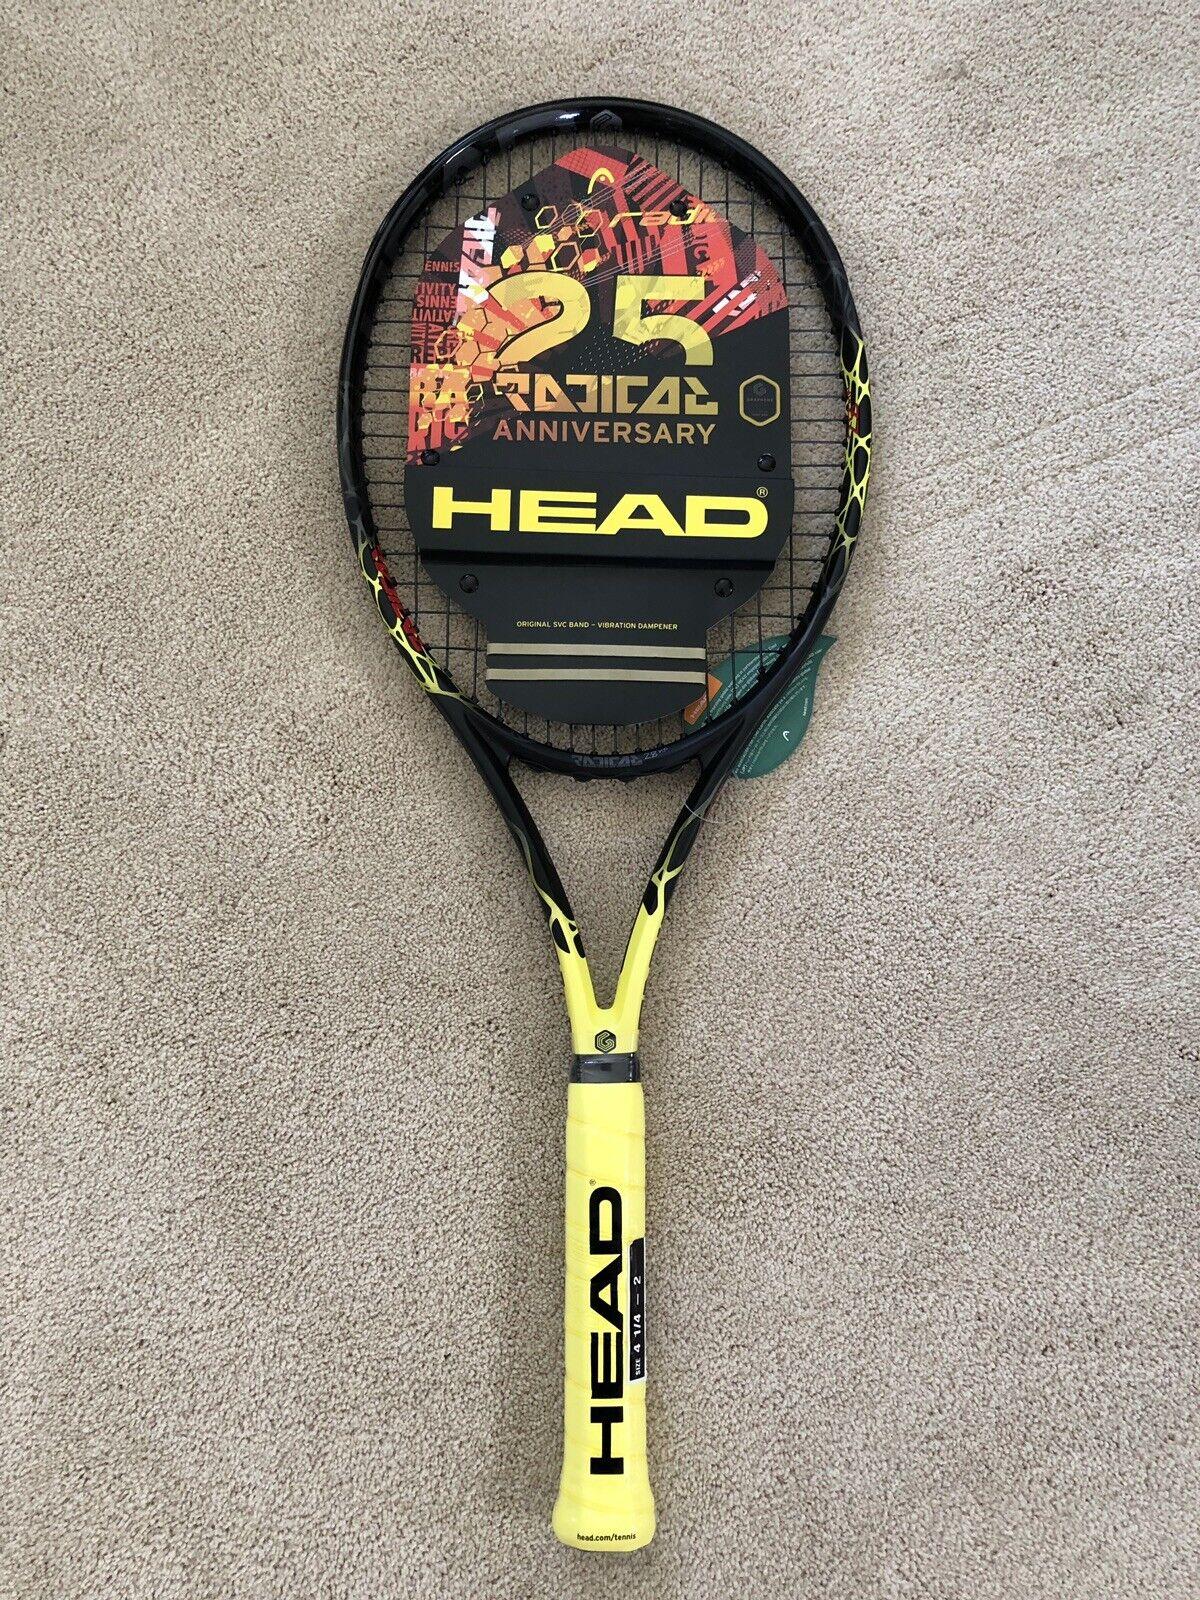 New Head Graphène Touch Radical Mp Ltd Raquette De Tennis Cordée Grip Größe 4 1 4